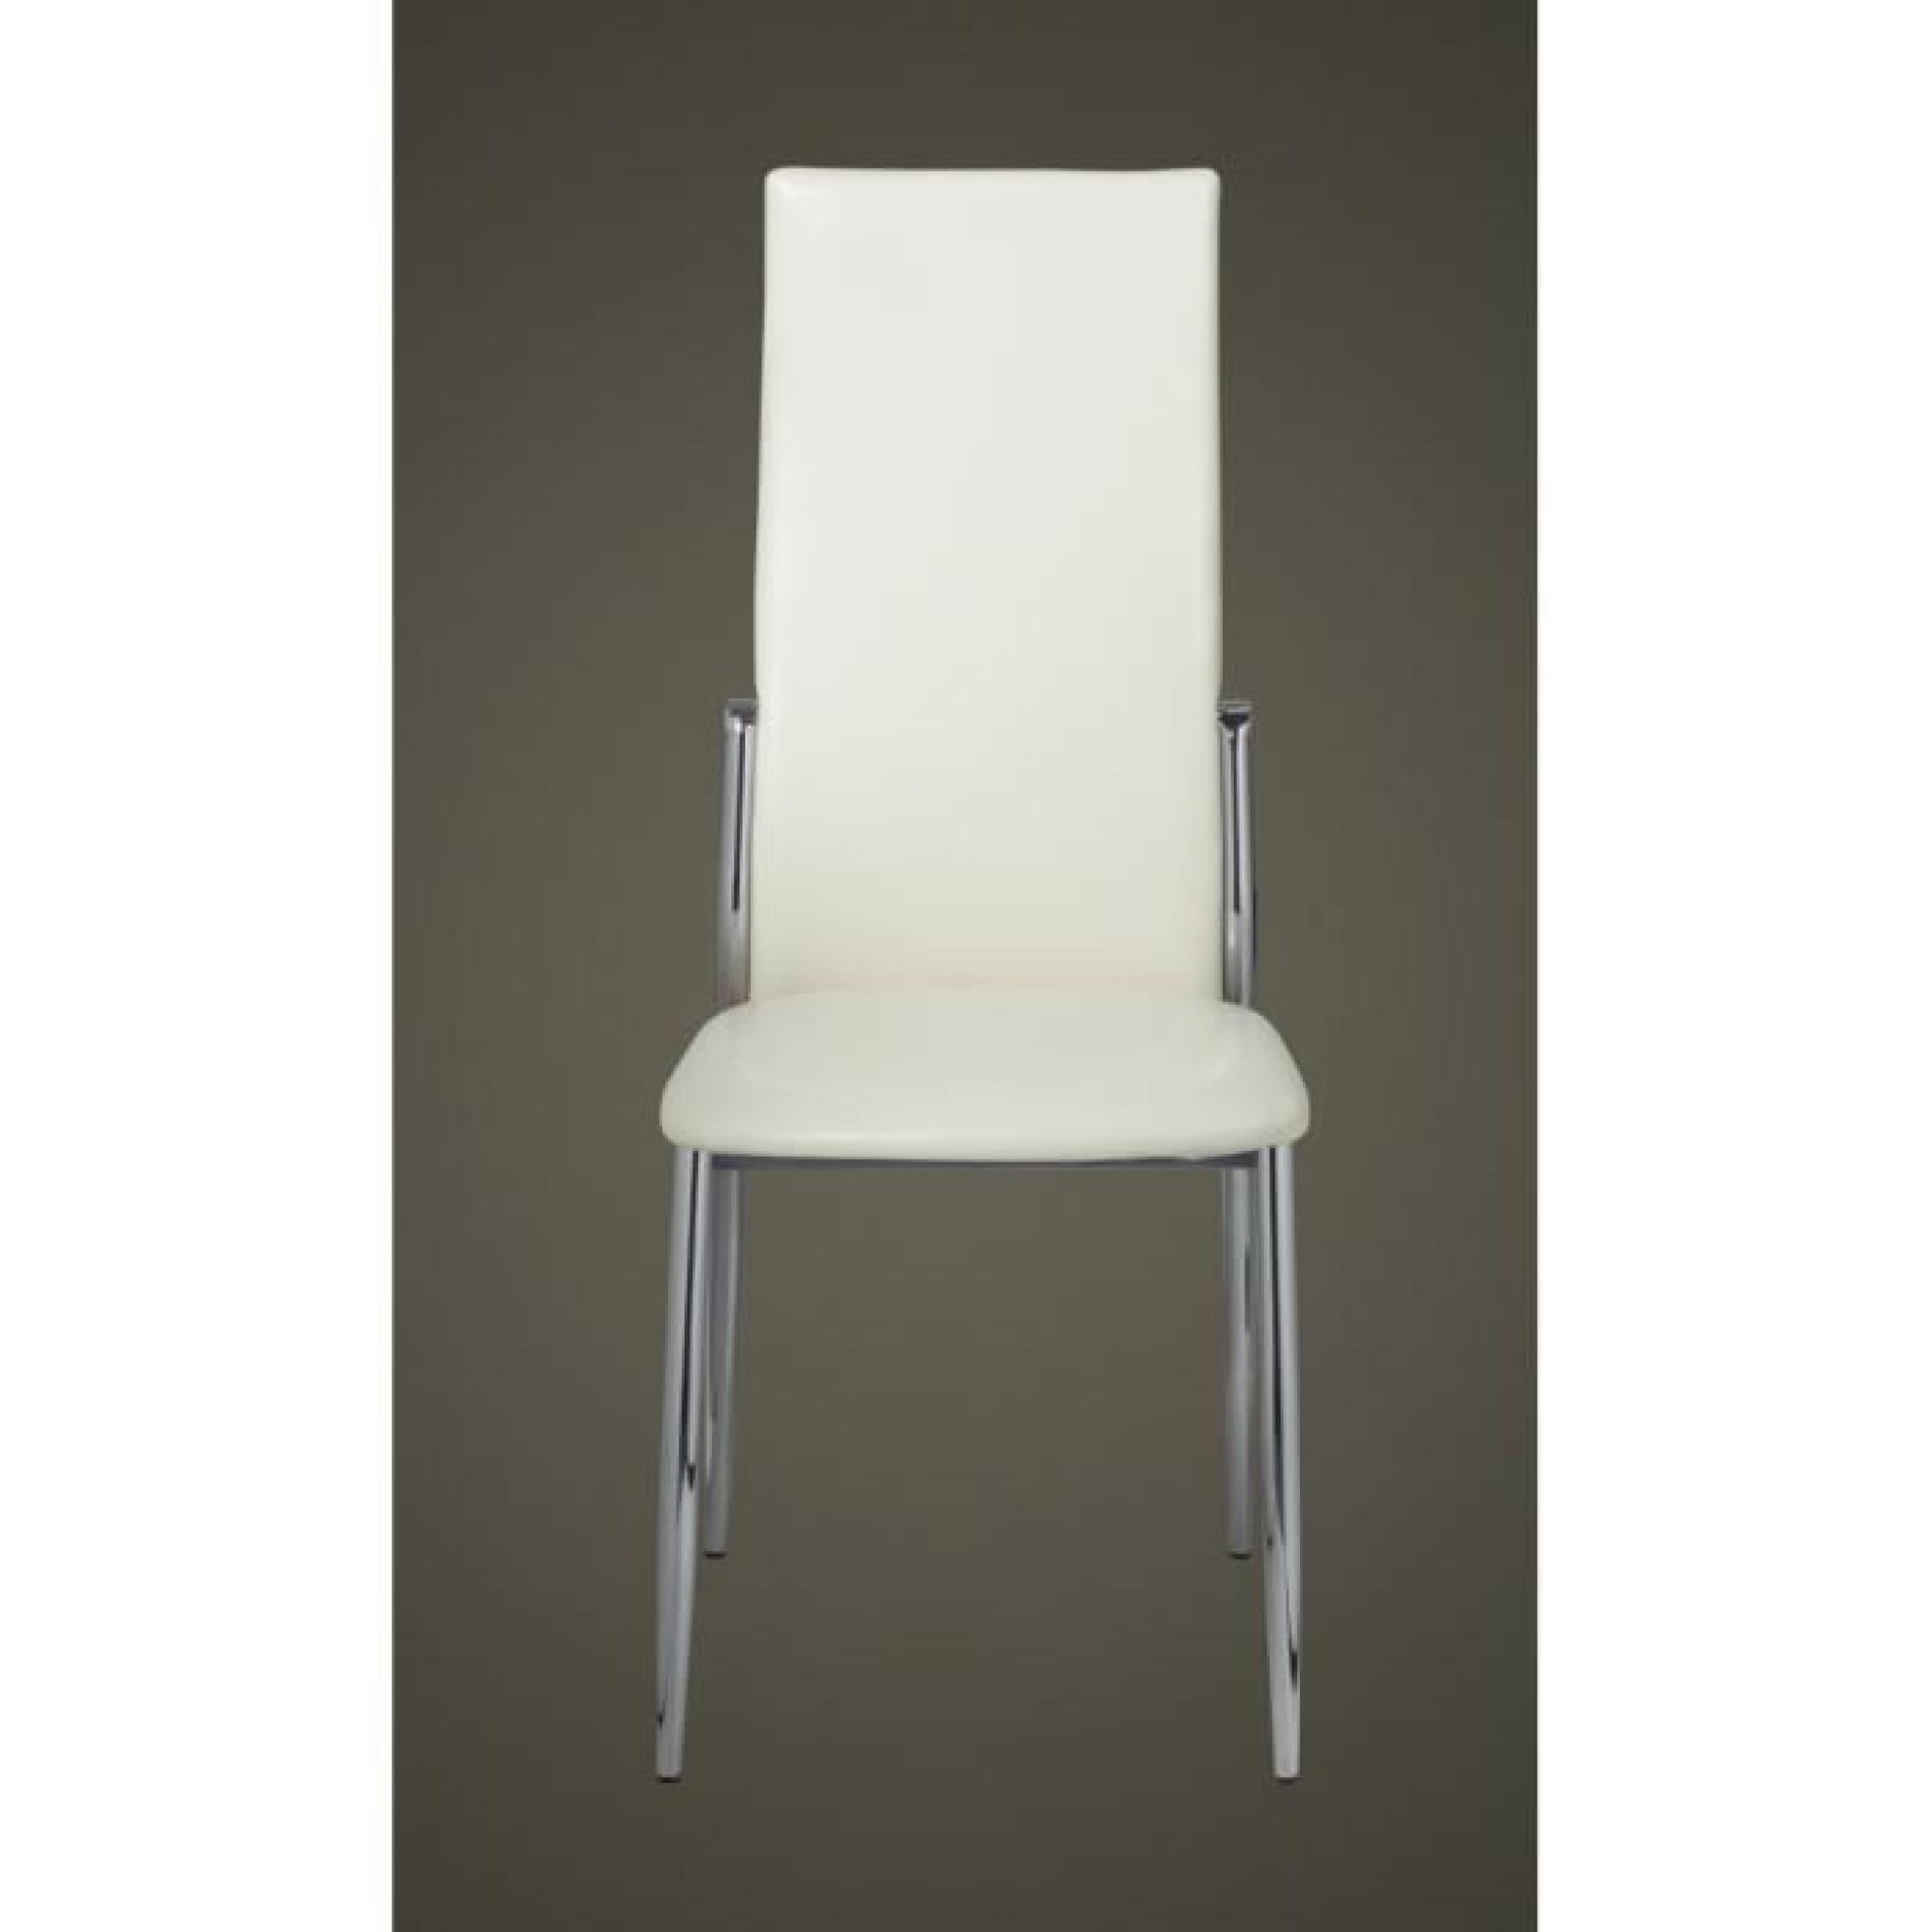 2 chaises de salle manger alu achat vente chaise salle a manger pas cher couleur et. Black Bedroom Furniture Sets. Home Design Ideas